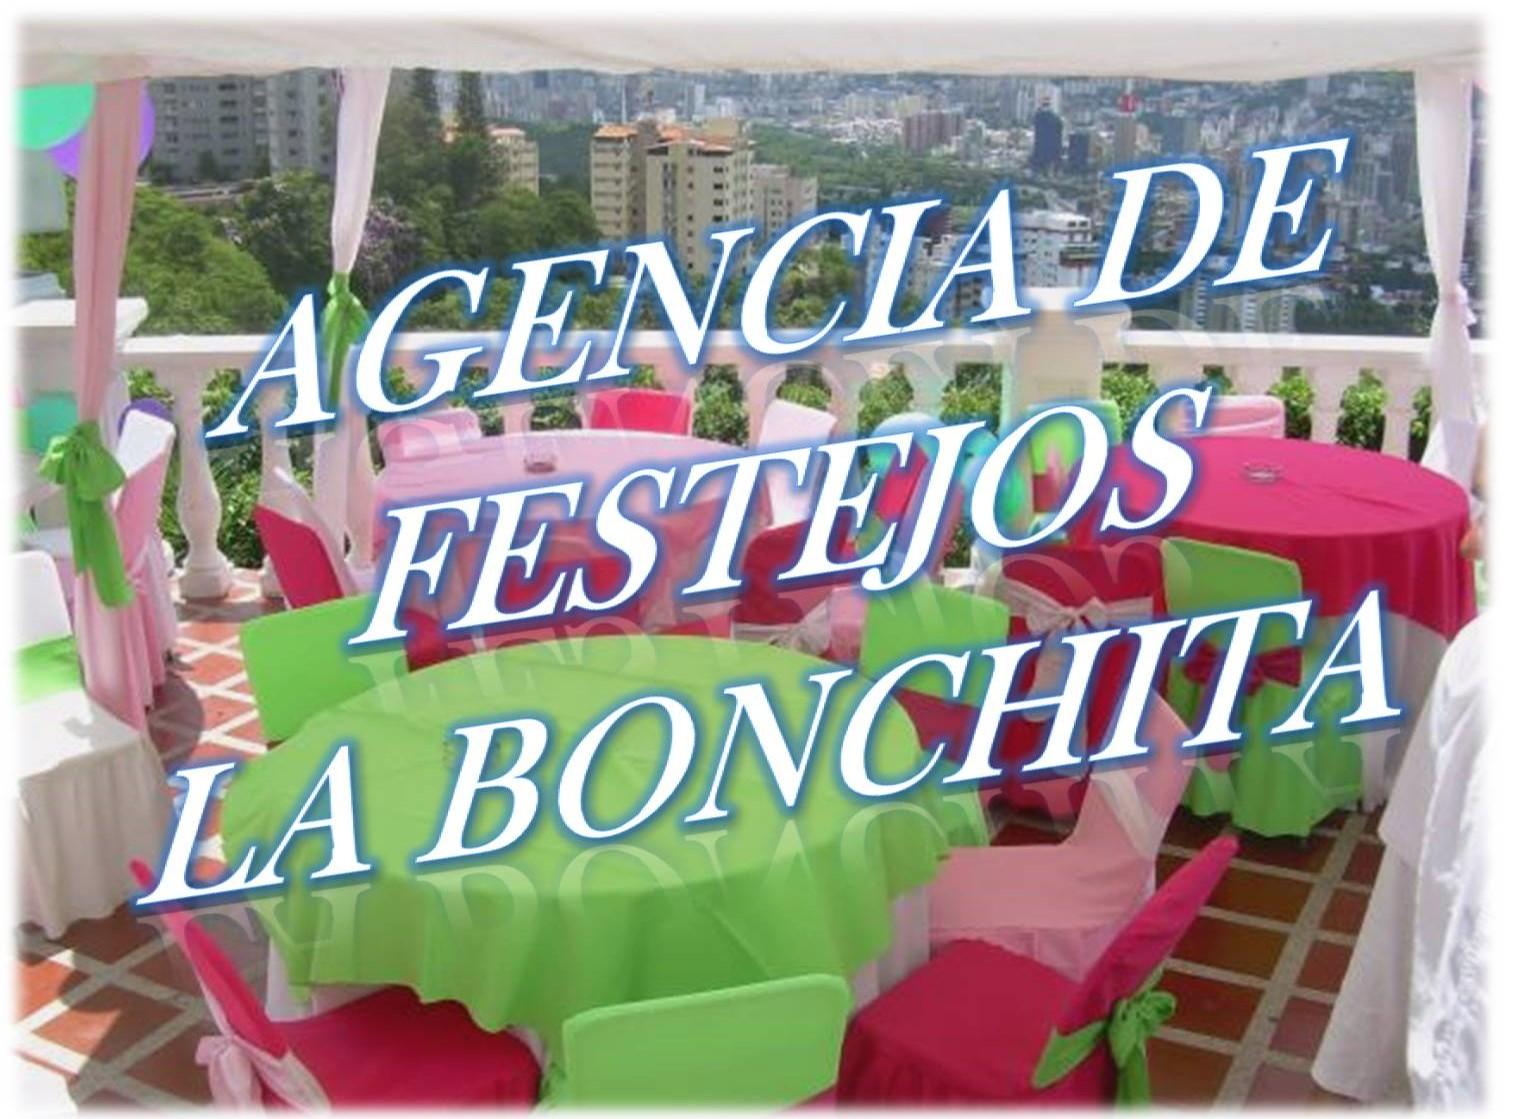 GENCIA DE FESTEJOS LA BONCHITA